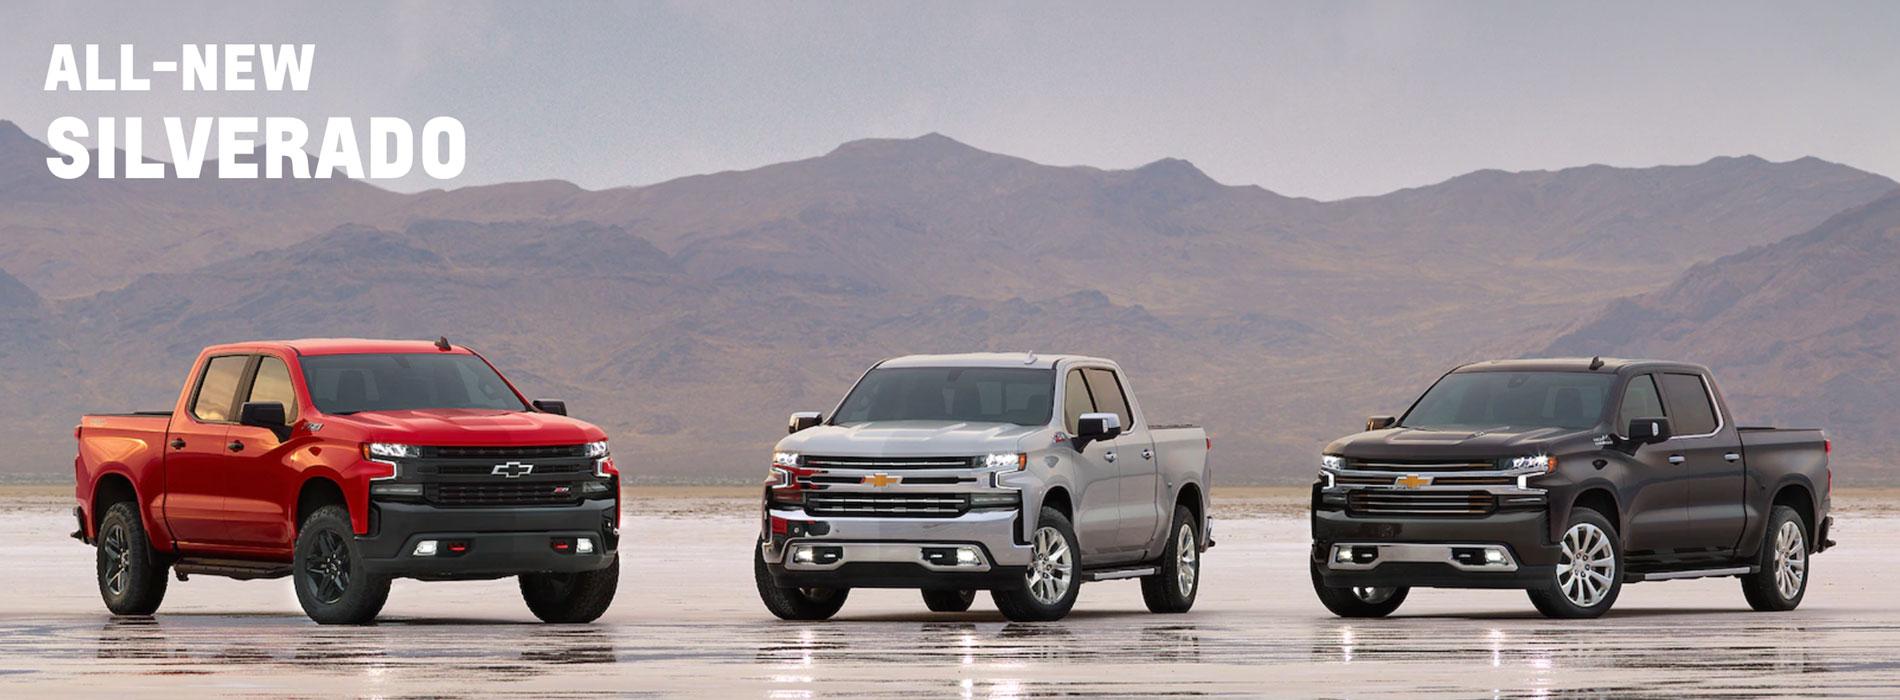 GM - All New 2019 Silverado